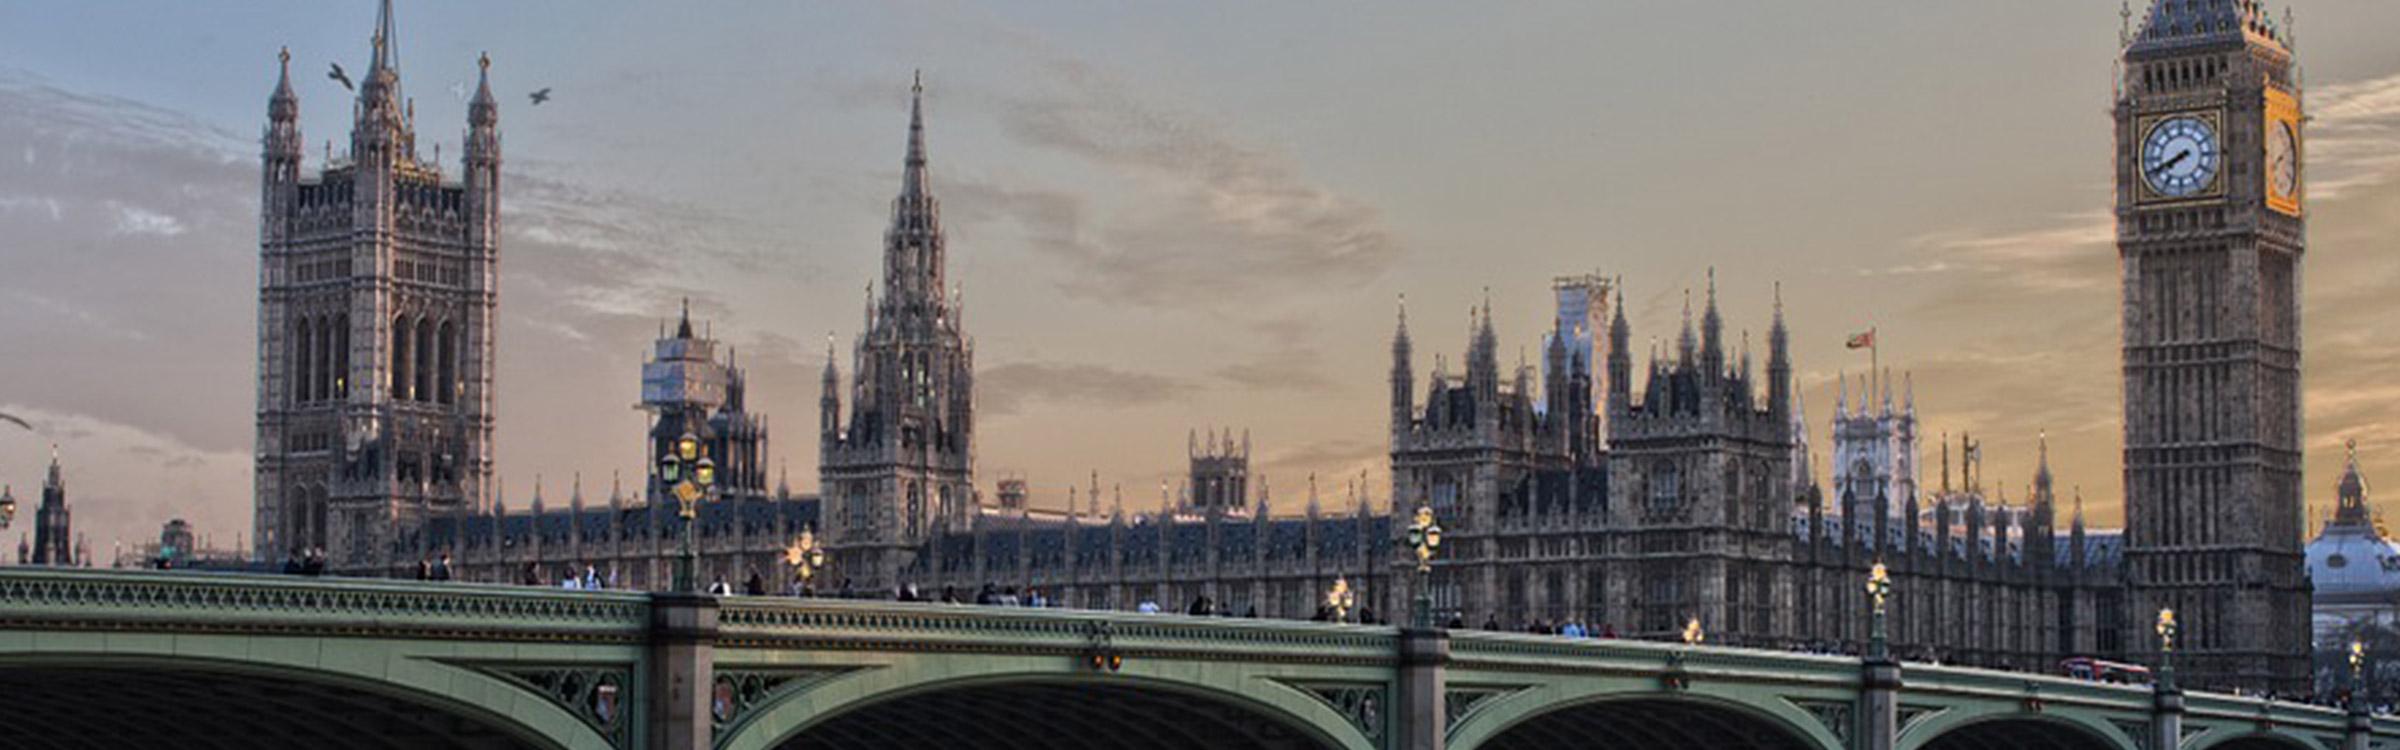 Londen header